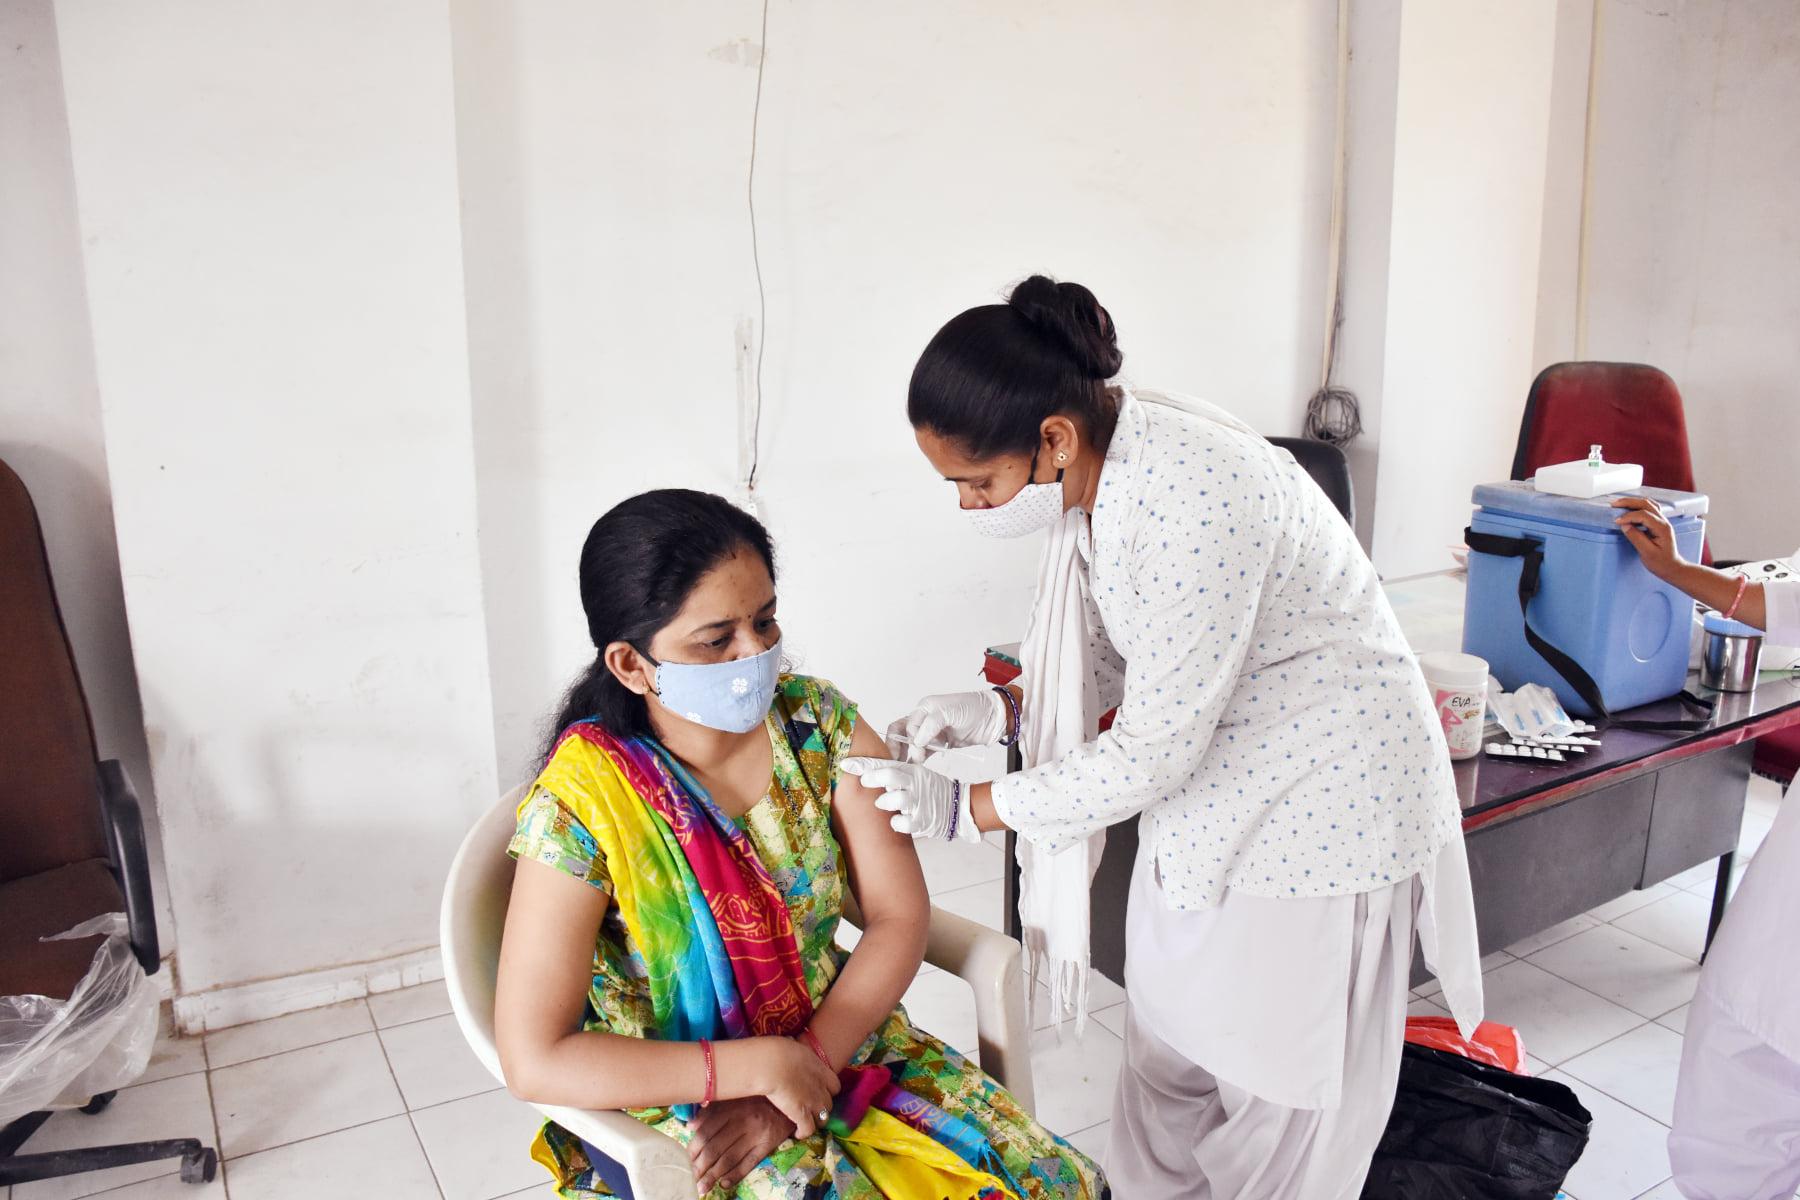 દાહોદના રસીકરણ કેન્દ્ર પર ચાલી રેહલુ રસીકરણ